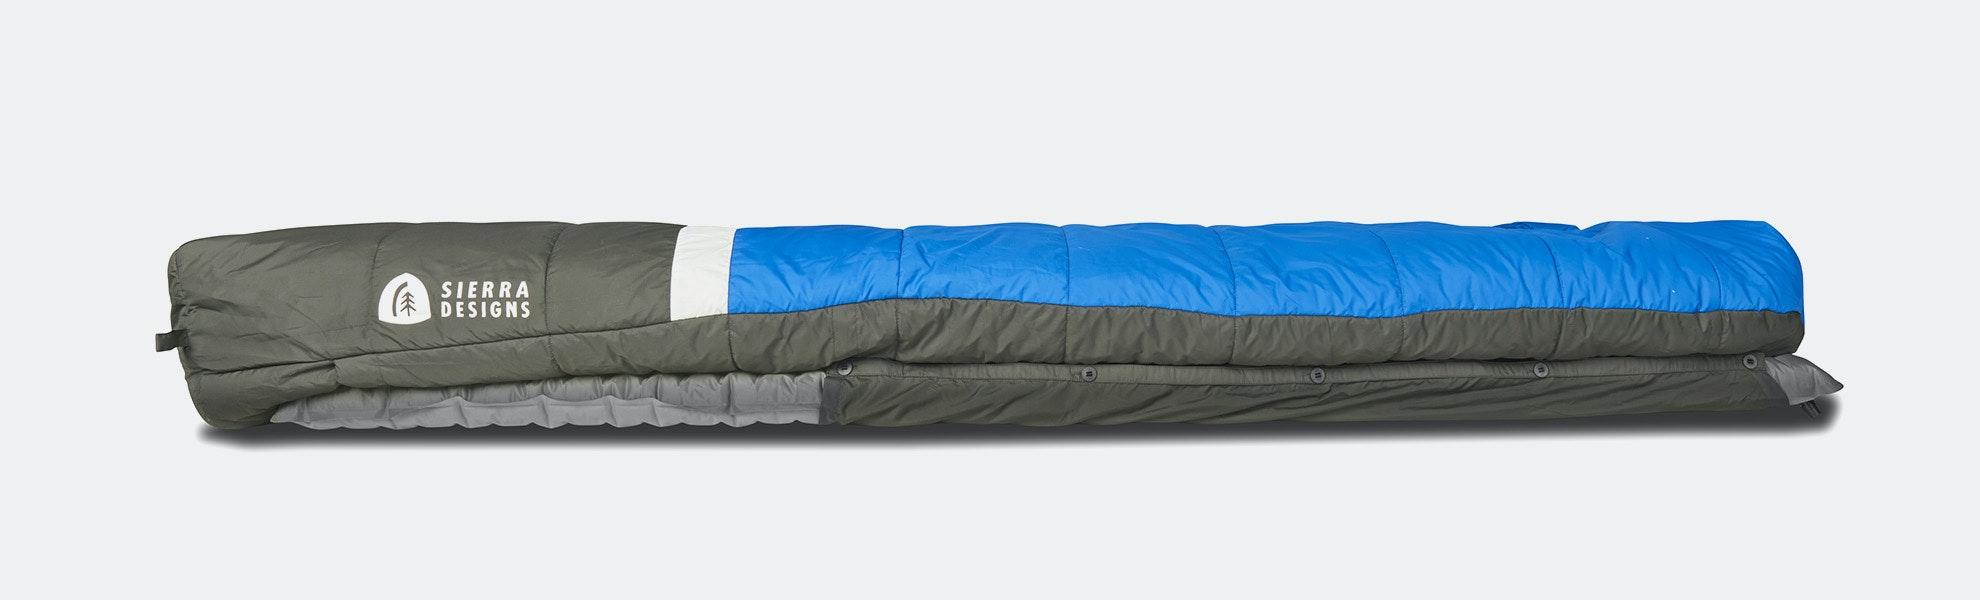 Sierra Designs Frontcountry Bed Sleeping Bag